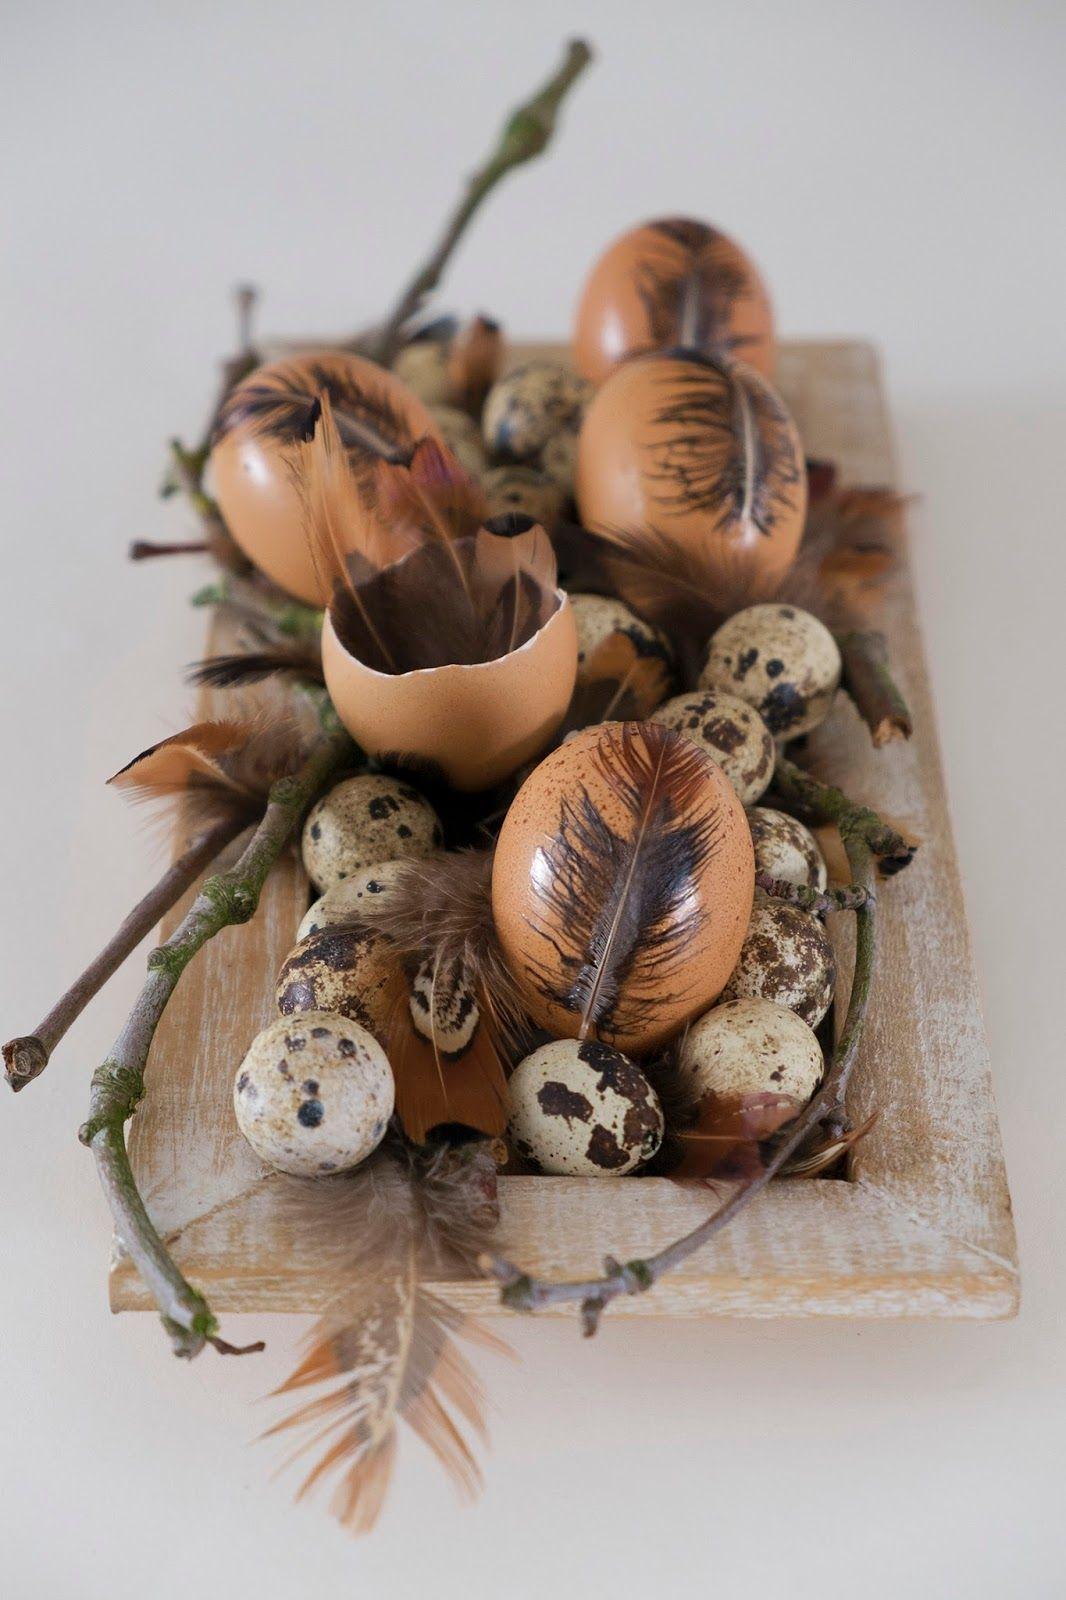 Leuk Decoreren Met Eieren En Veren Voor Pasen Paasdecoratie Elsarblog Paasdecoratie Paasideeen Eieren Kunst